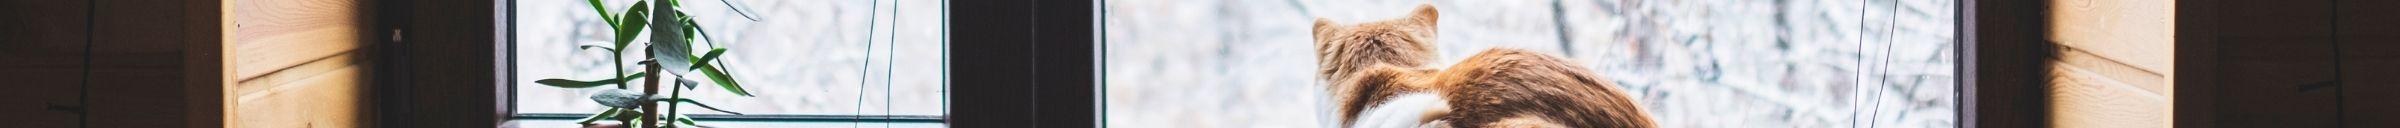 kintone ポータル スペース カバー画像(猫シリーズ)138